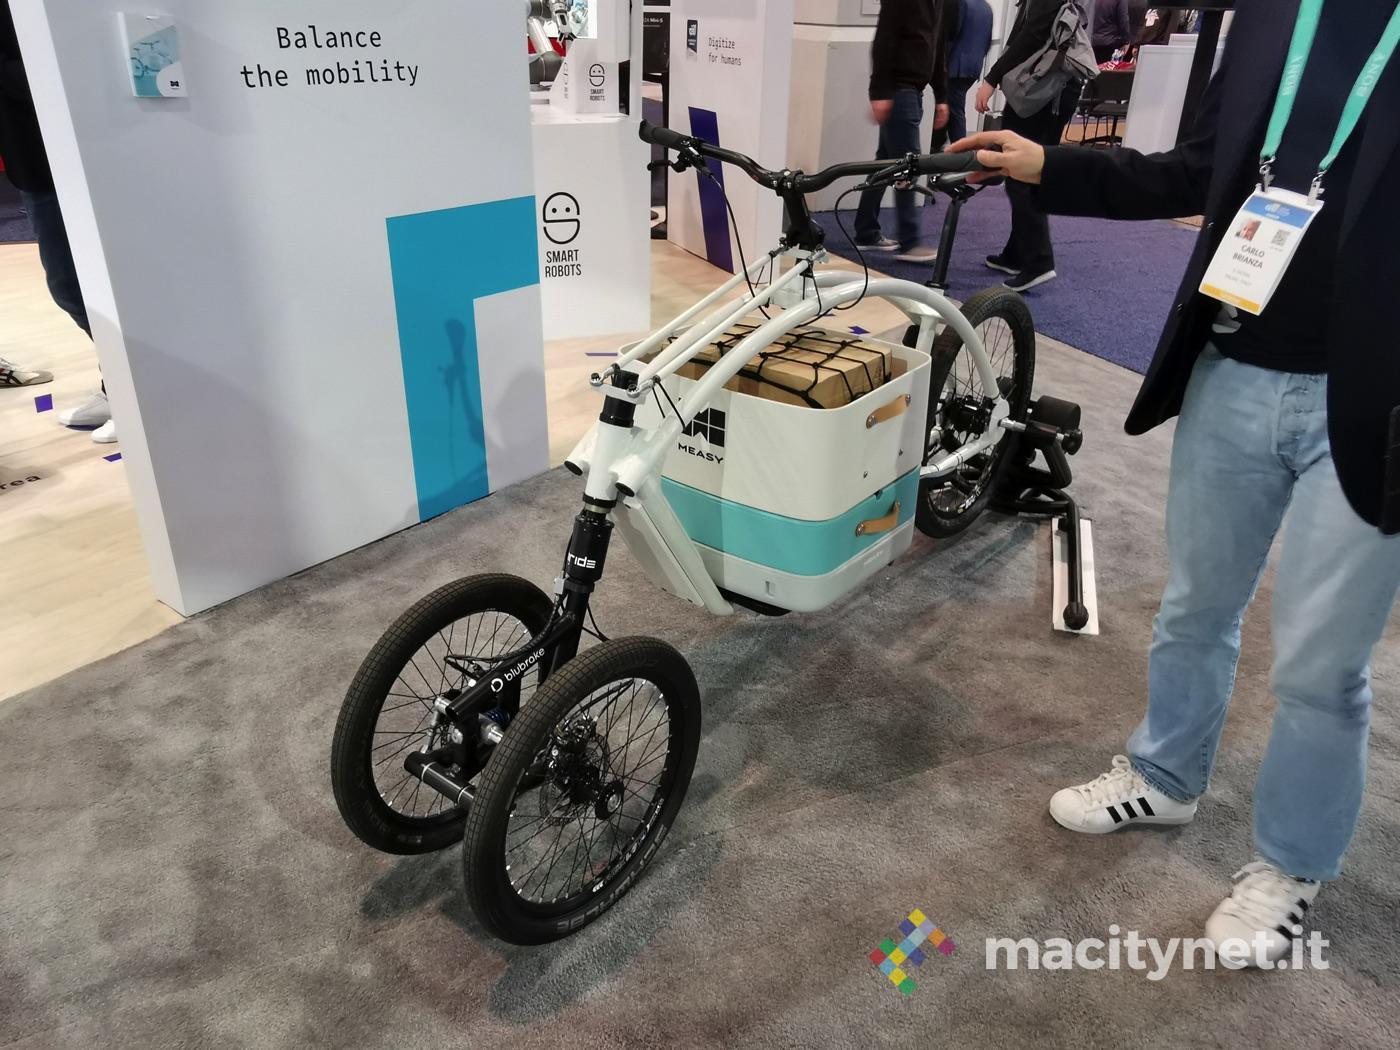 Measy, la cargo-bike per il delivery di cibo che impedisce le cadute per lo sbilanciamento del carico